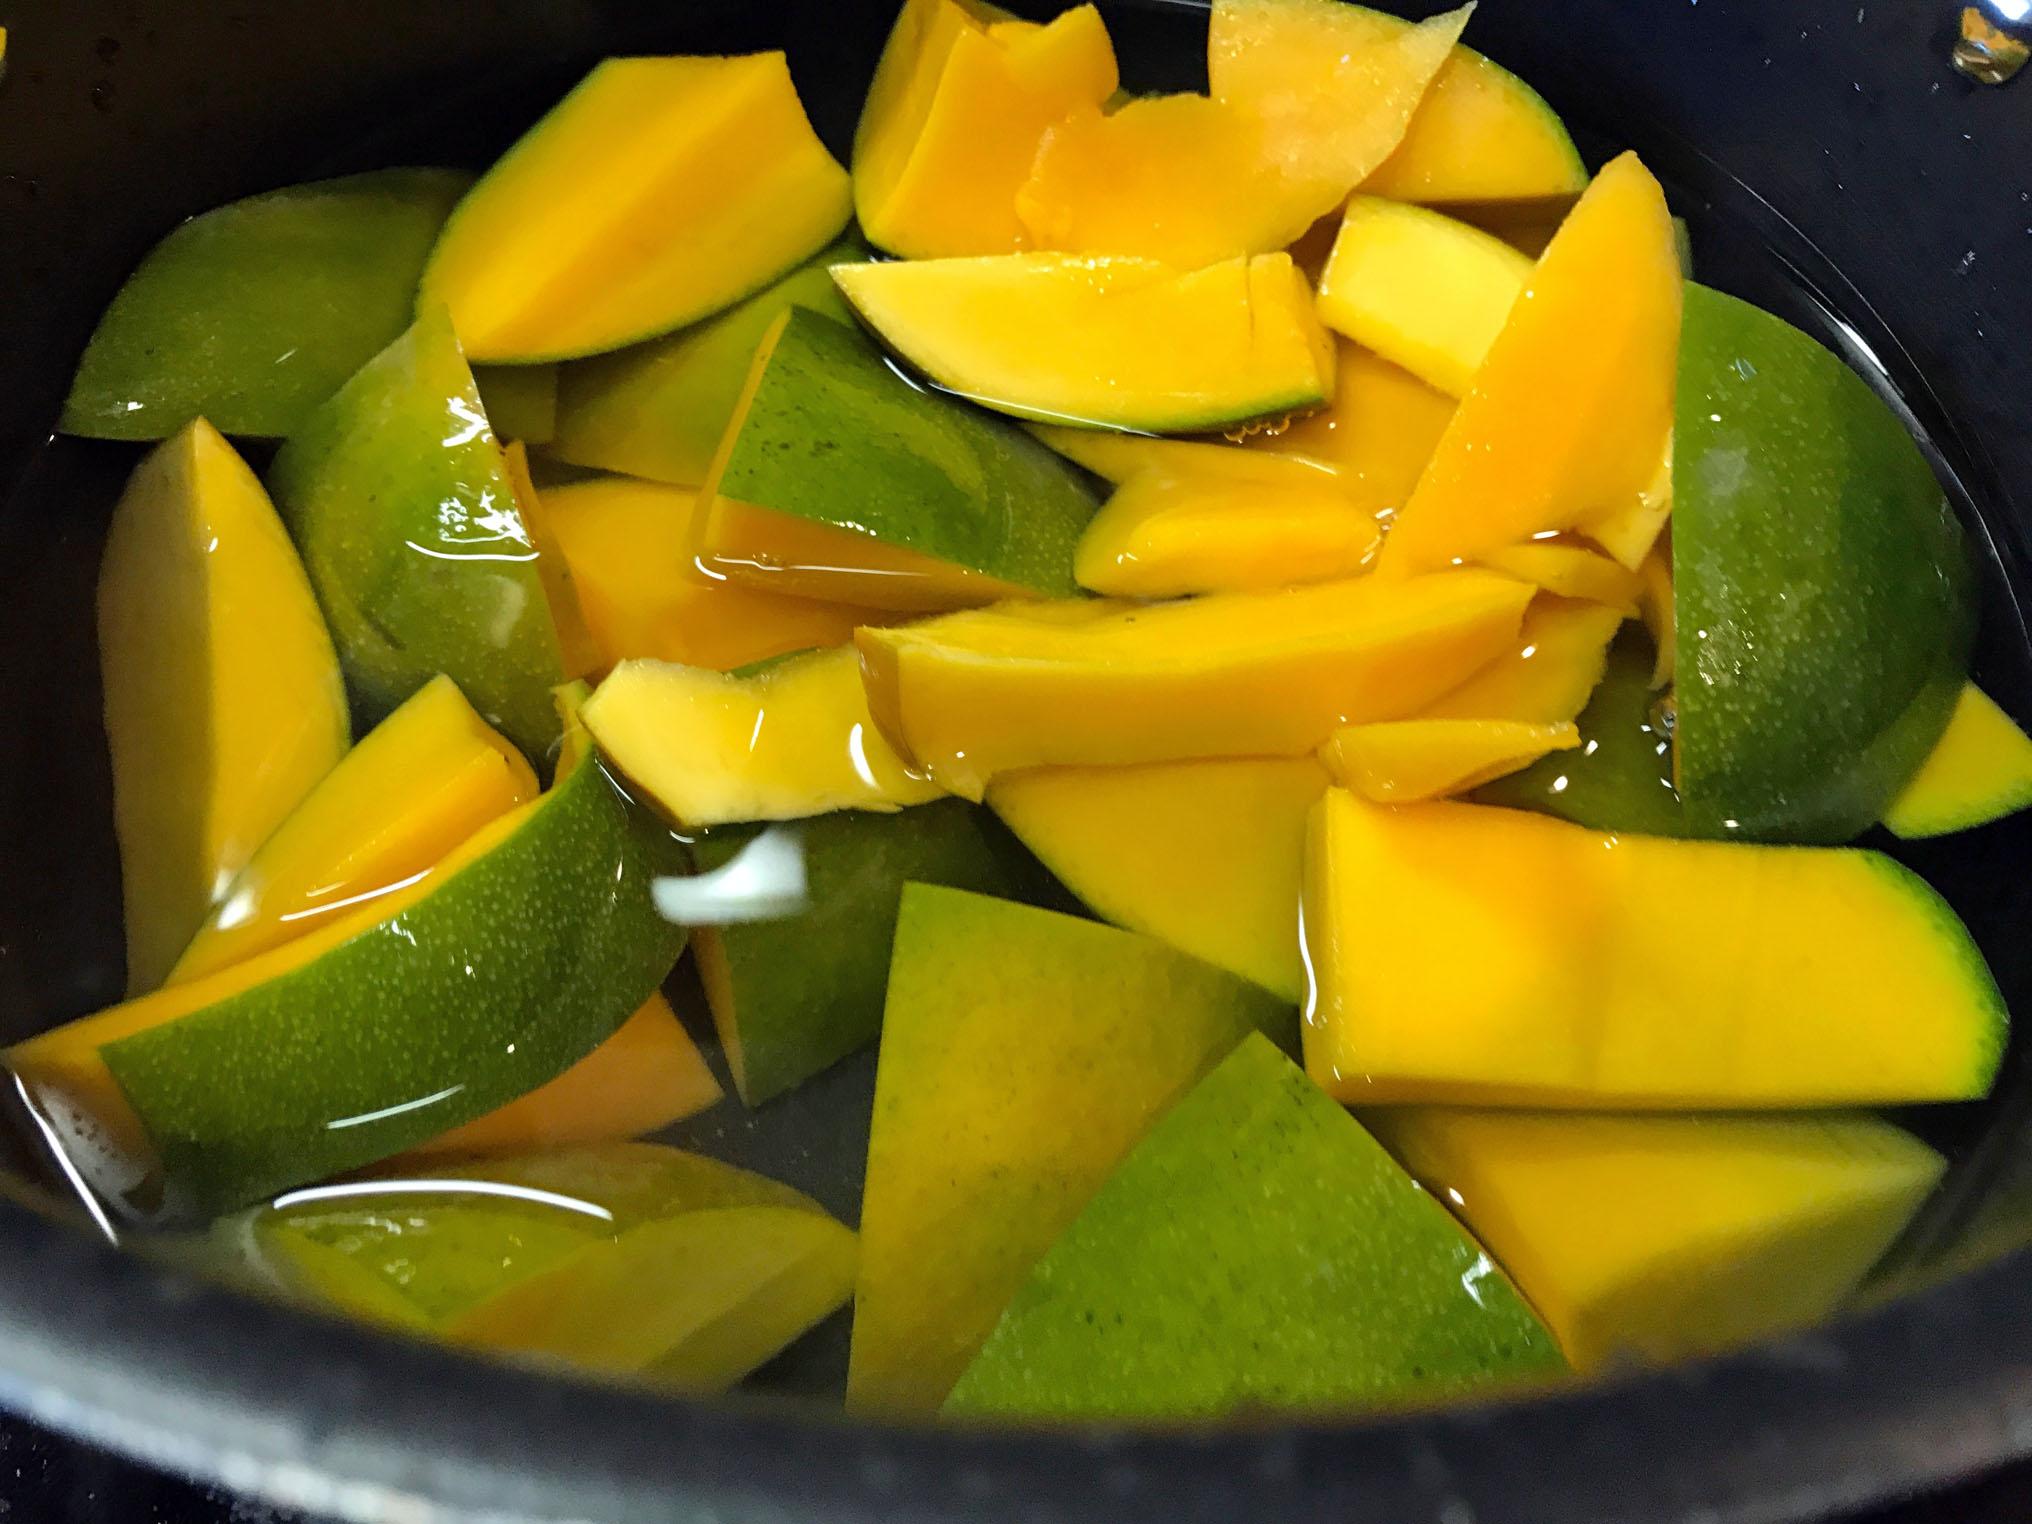 Indian Mango Sweet Sour Pachadi (Salad-Relish) 3